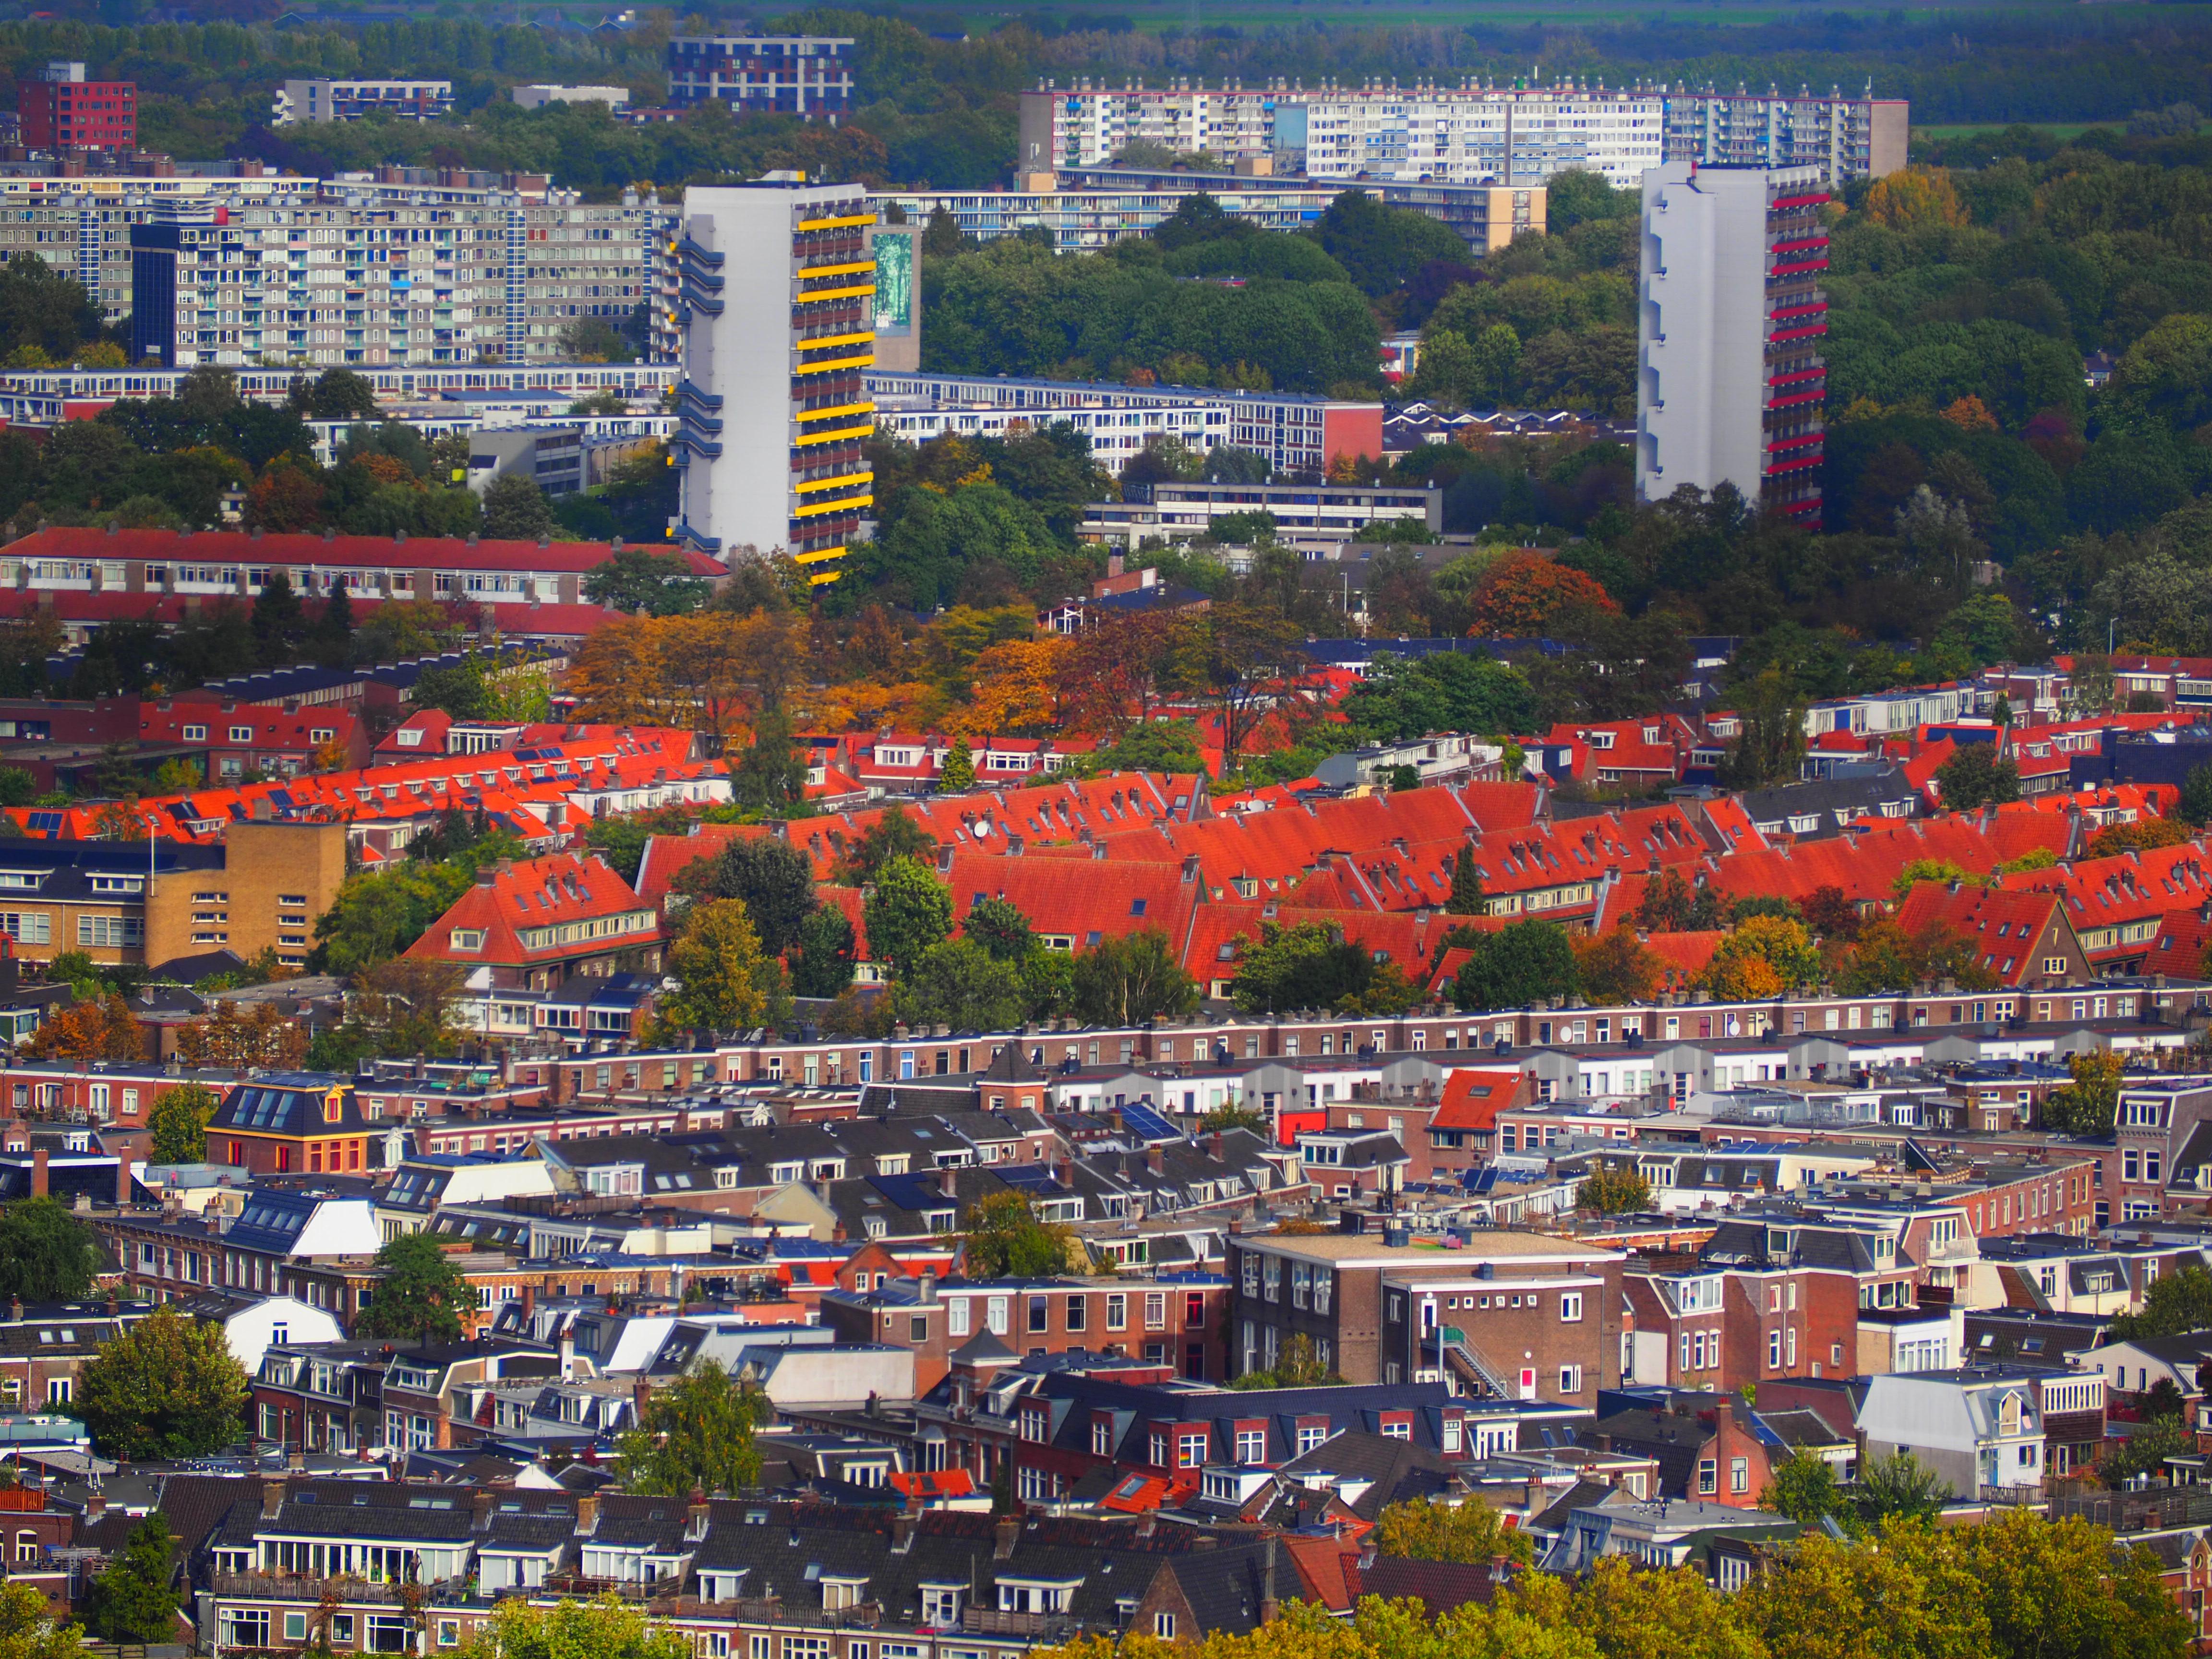 【オランダ女子旅】465段だけどマストゴー!オランダで一番高い教会の塔